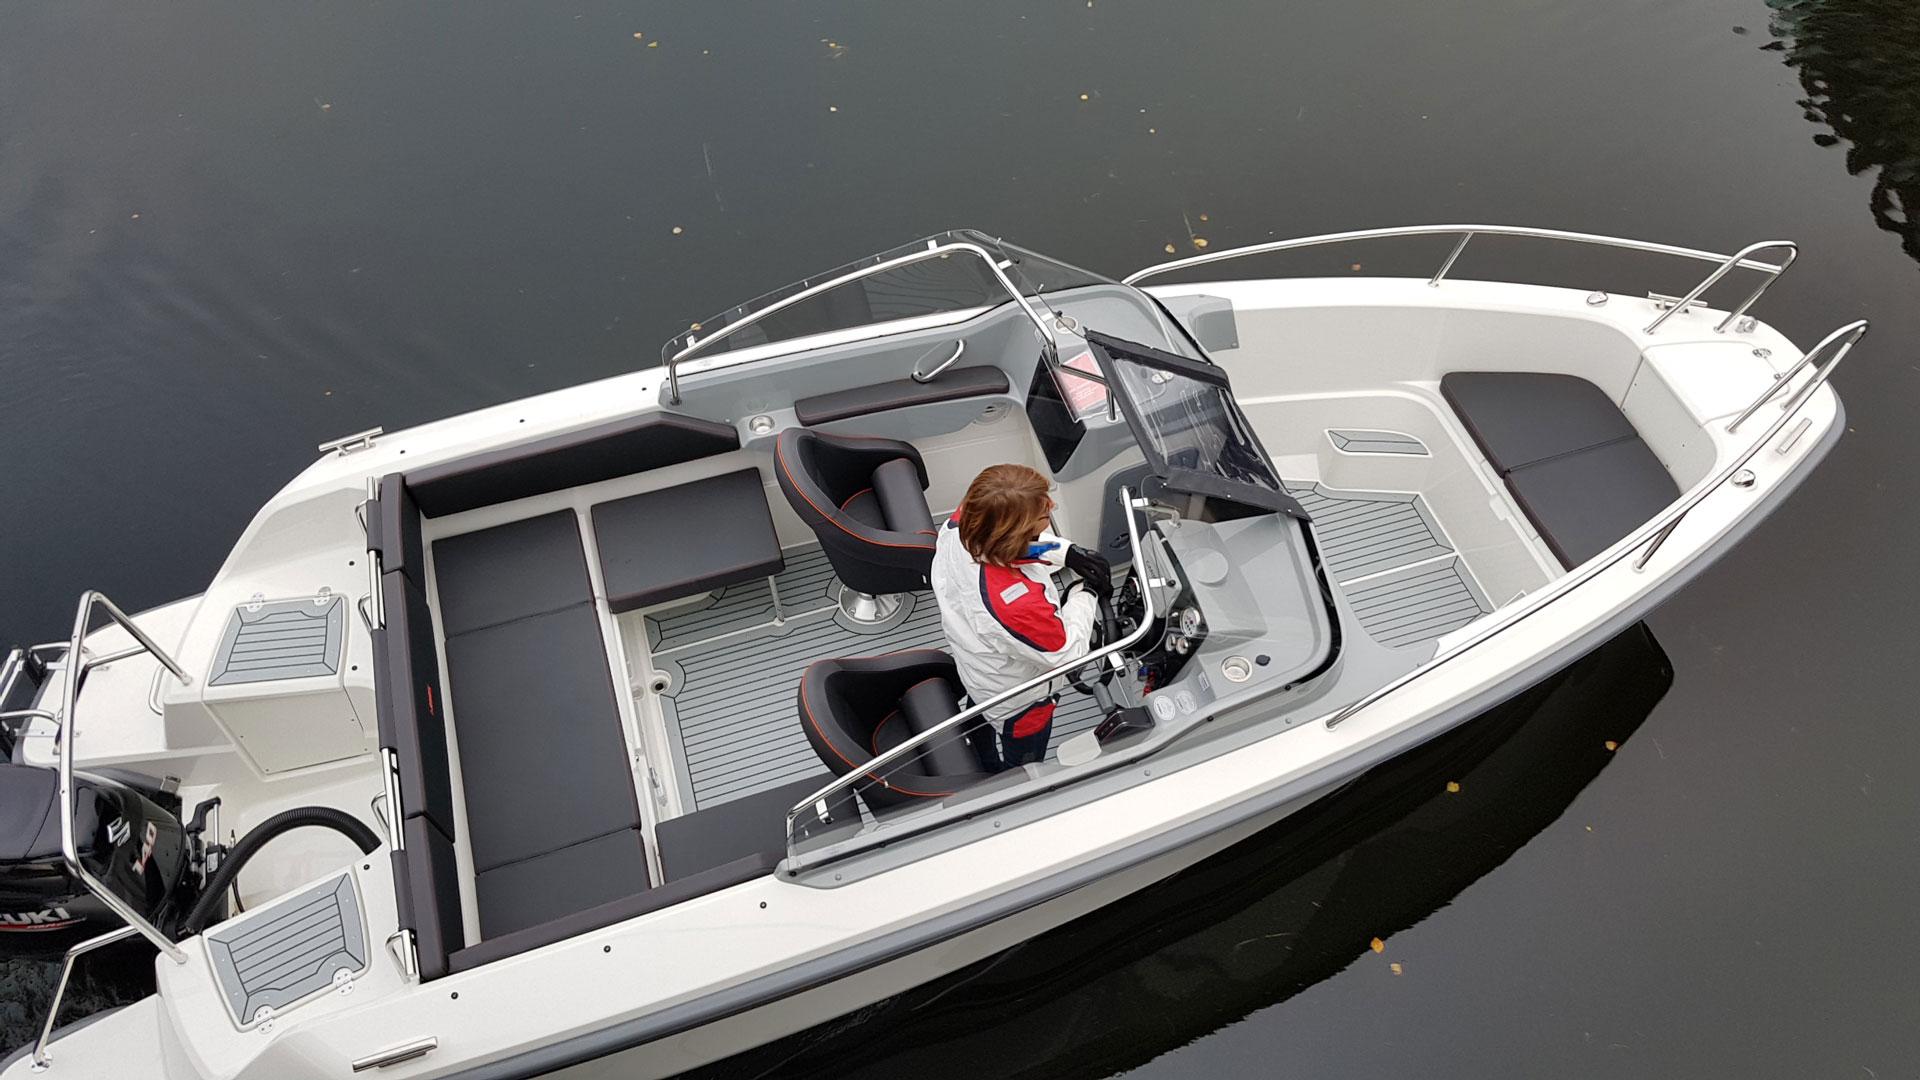 ryds-båt